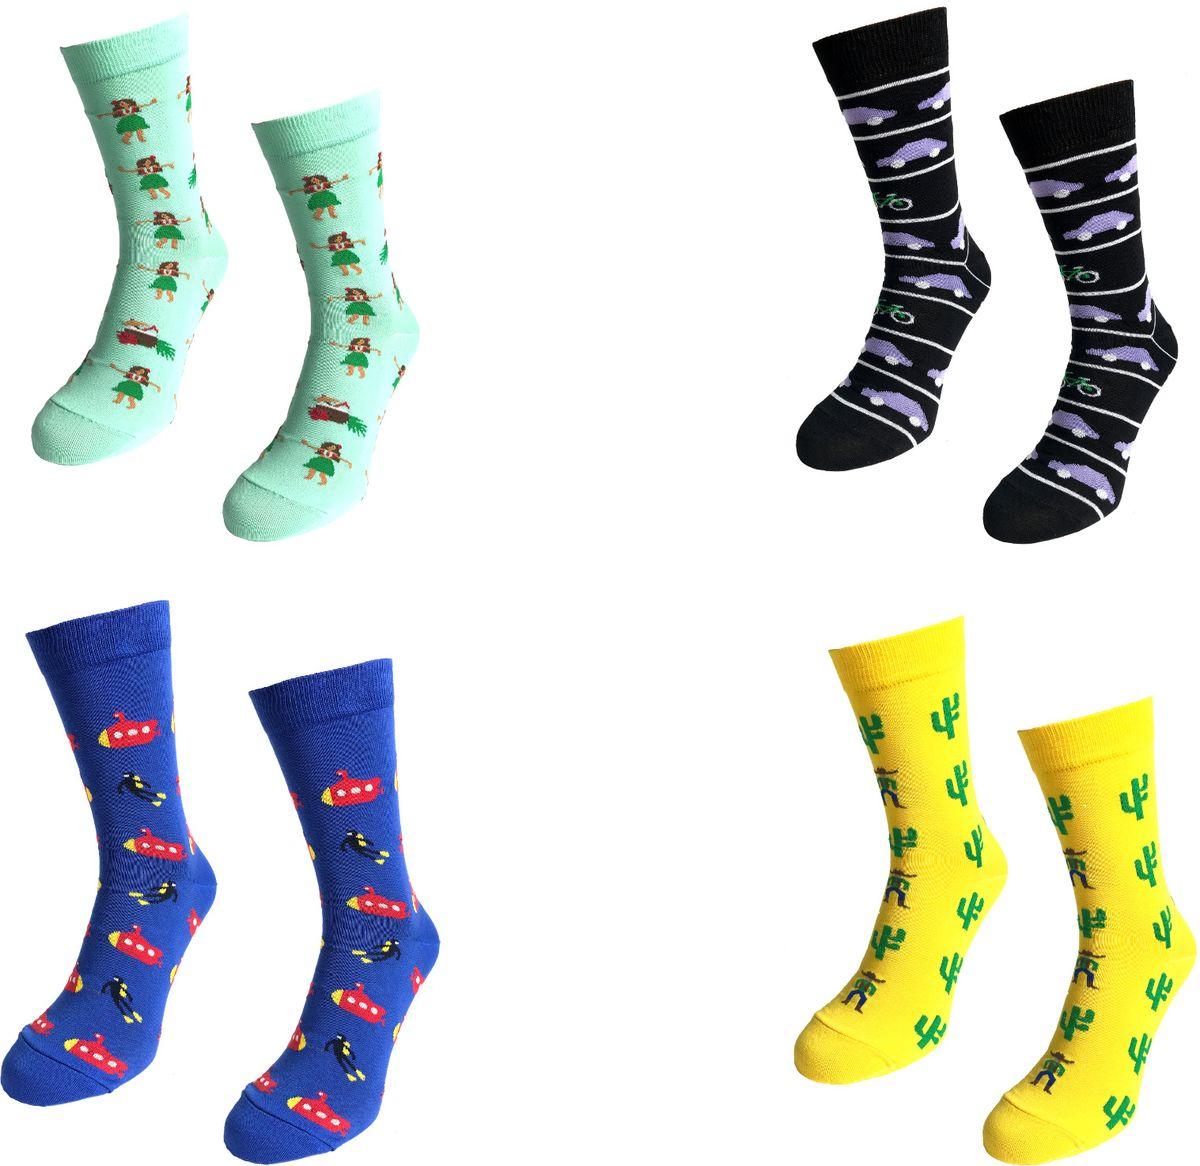 Носки Big Bang Socks, цвет: бирюзовый, черный, синий, желтый, 4 пары. box4b211. Размер 40/44 носки minecraft socks 3 pack green зеленые s 3 пары 11750